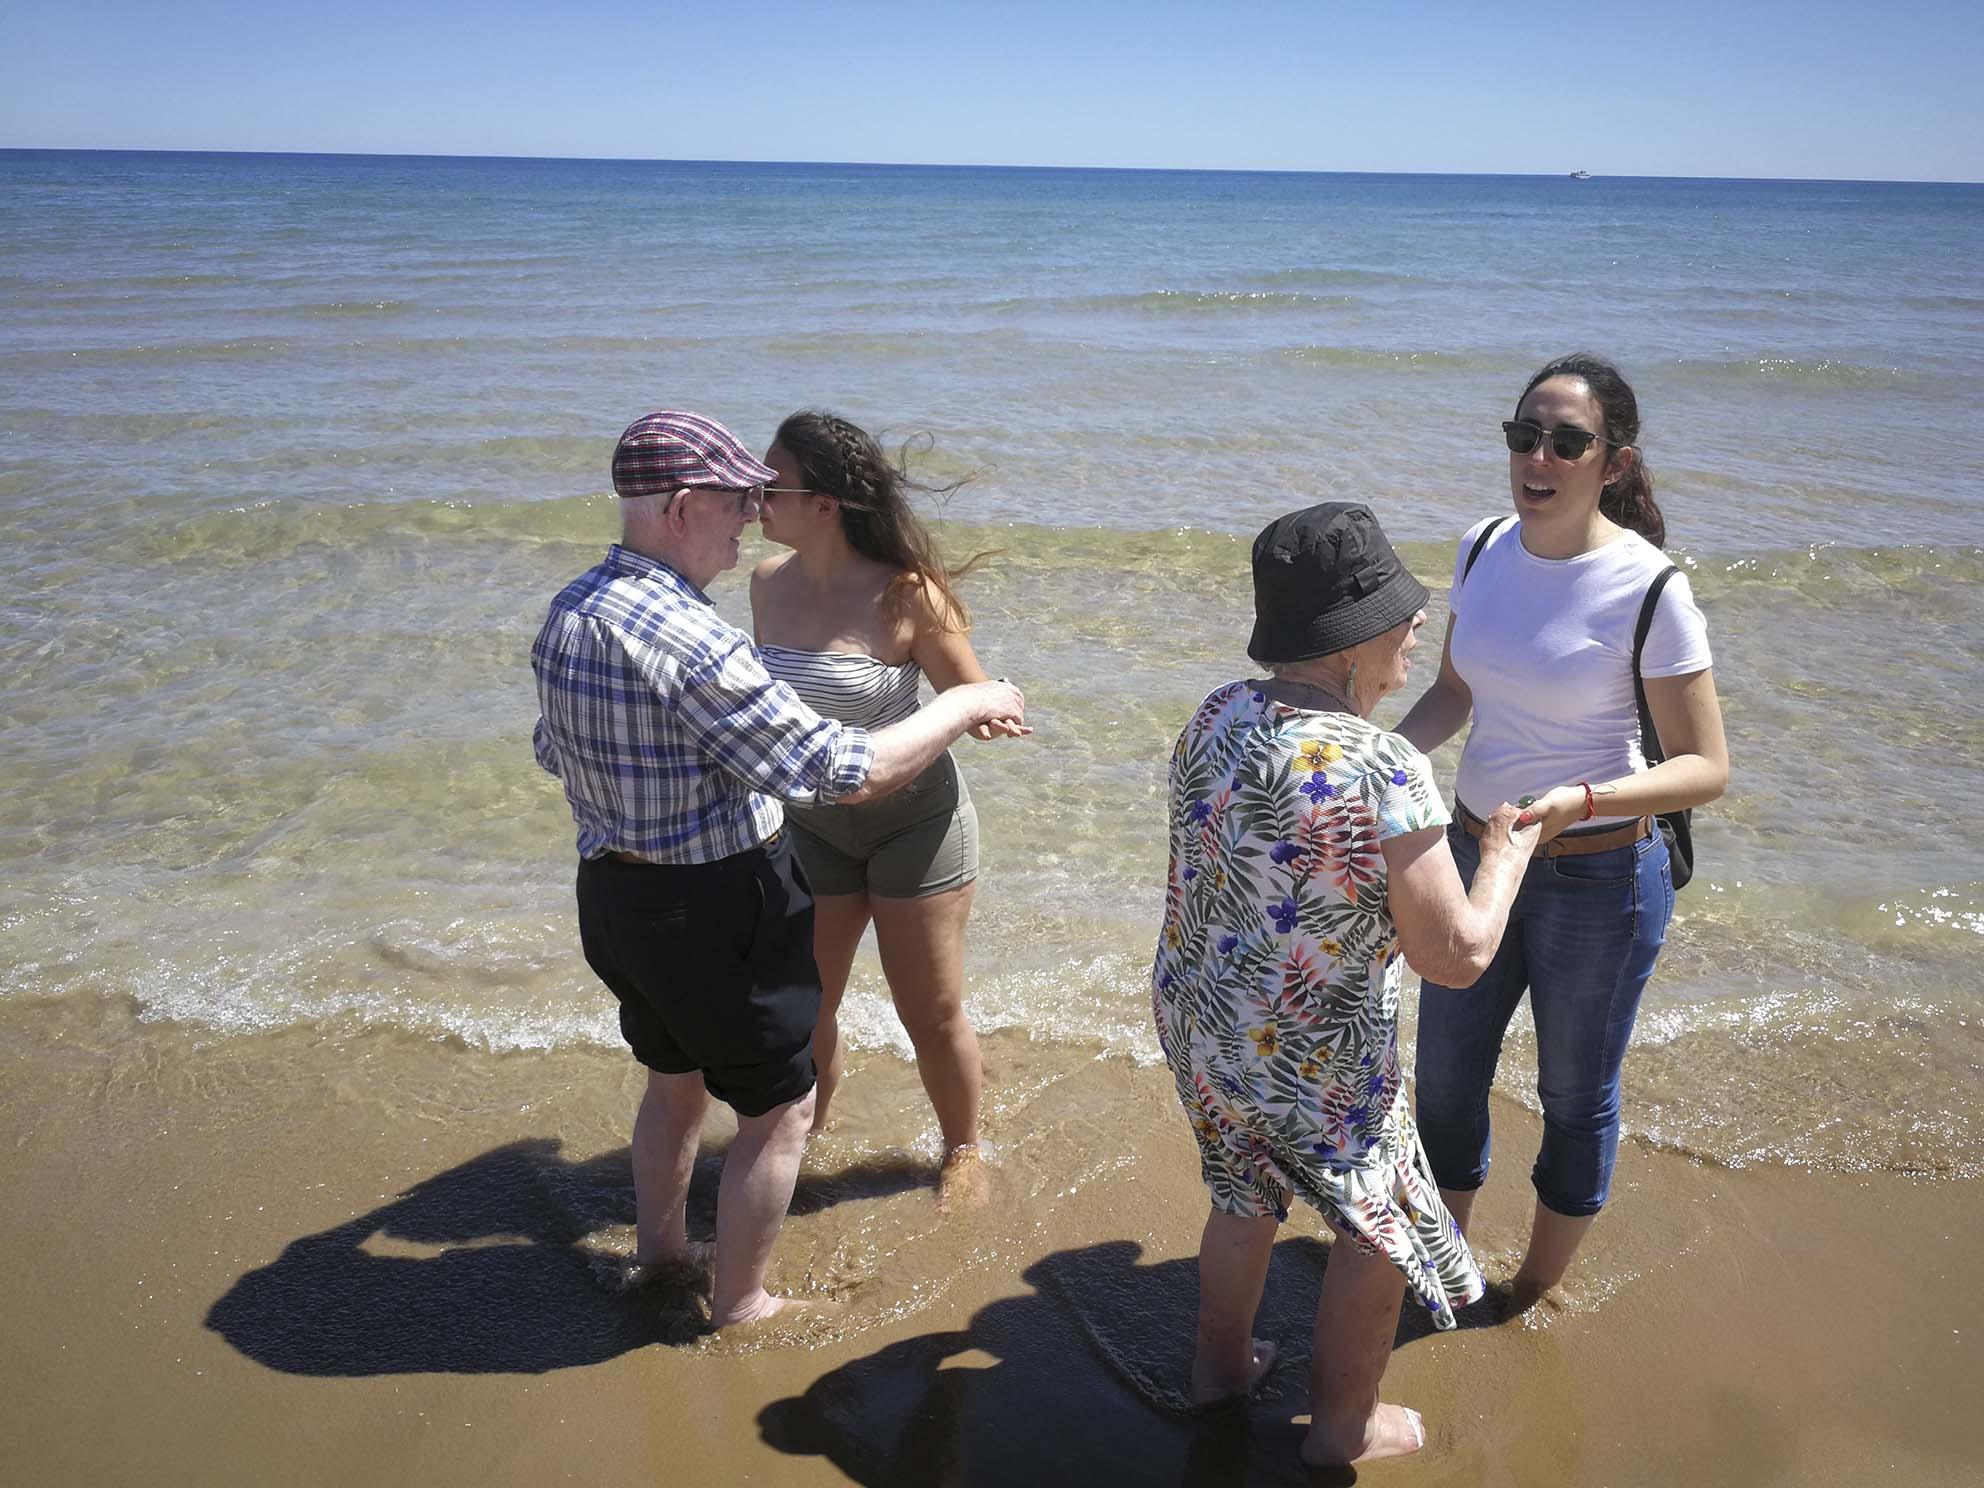 Un dia de platja per als usuaris de la Beneficència El Periòdic d'Ontinyent - Noticies a Ontinyent